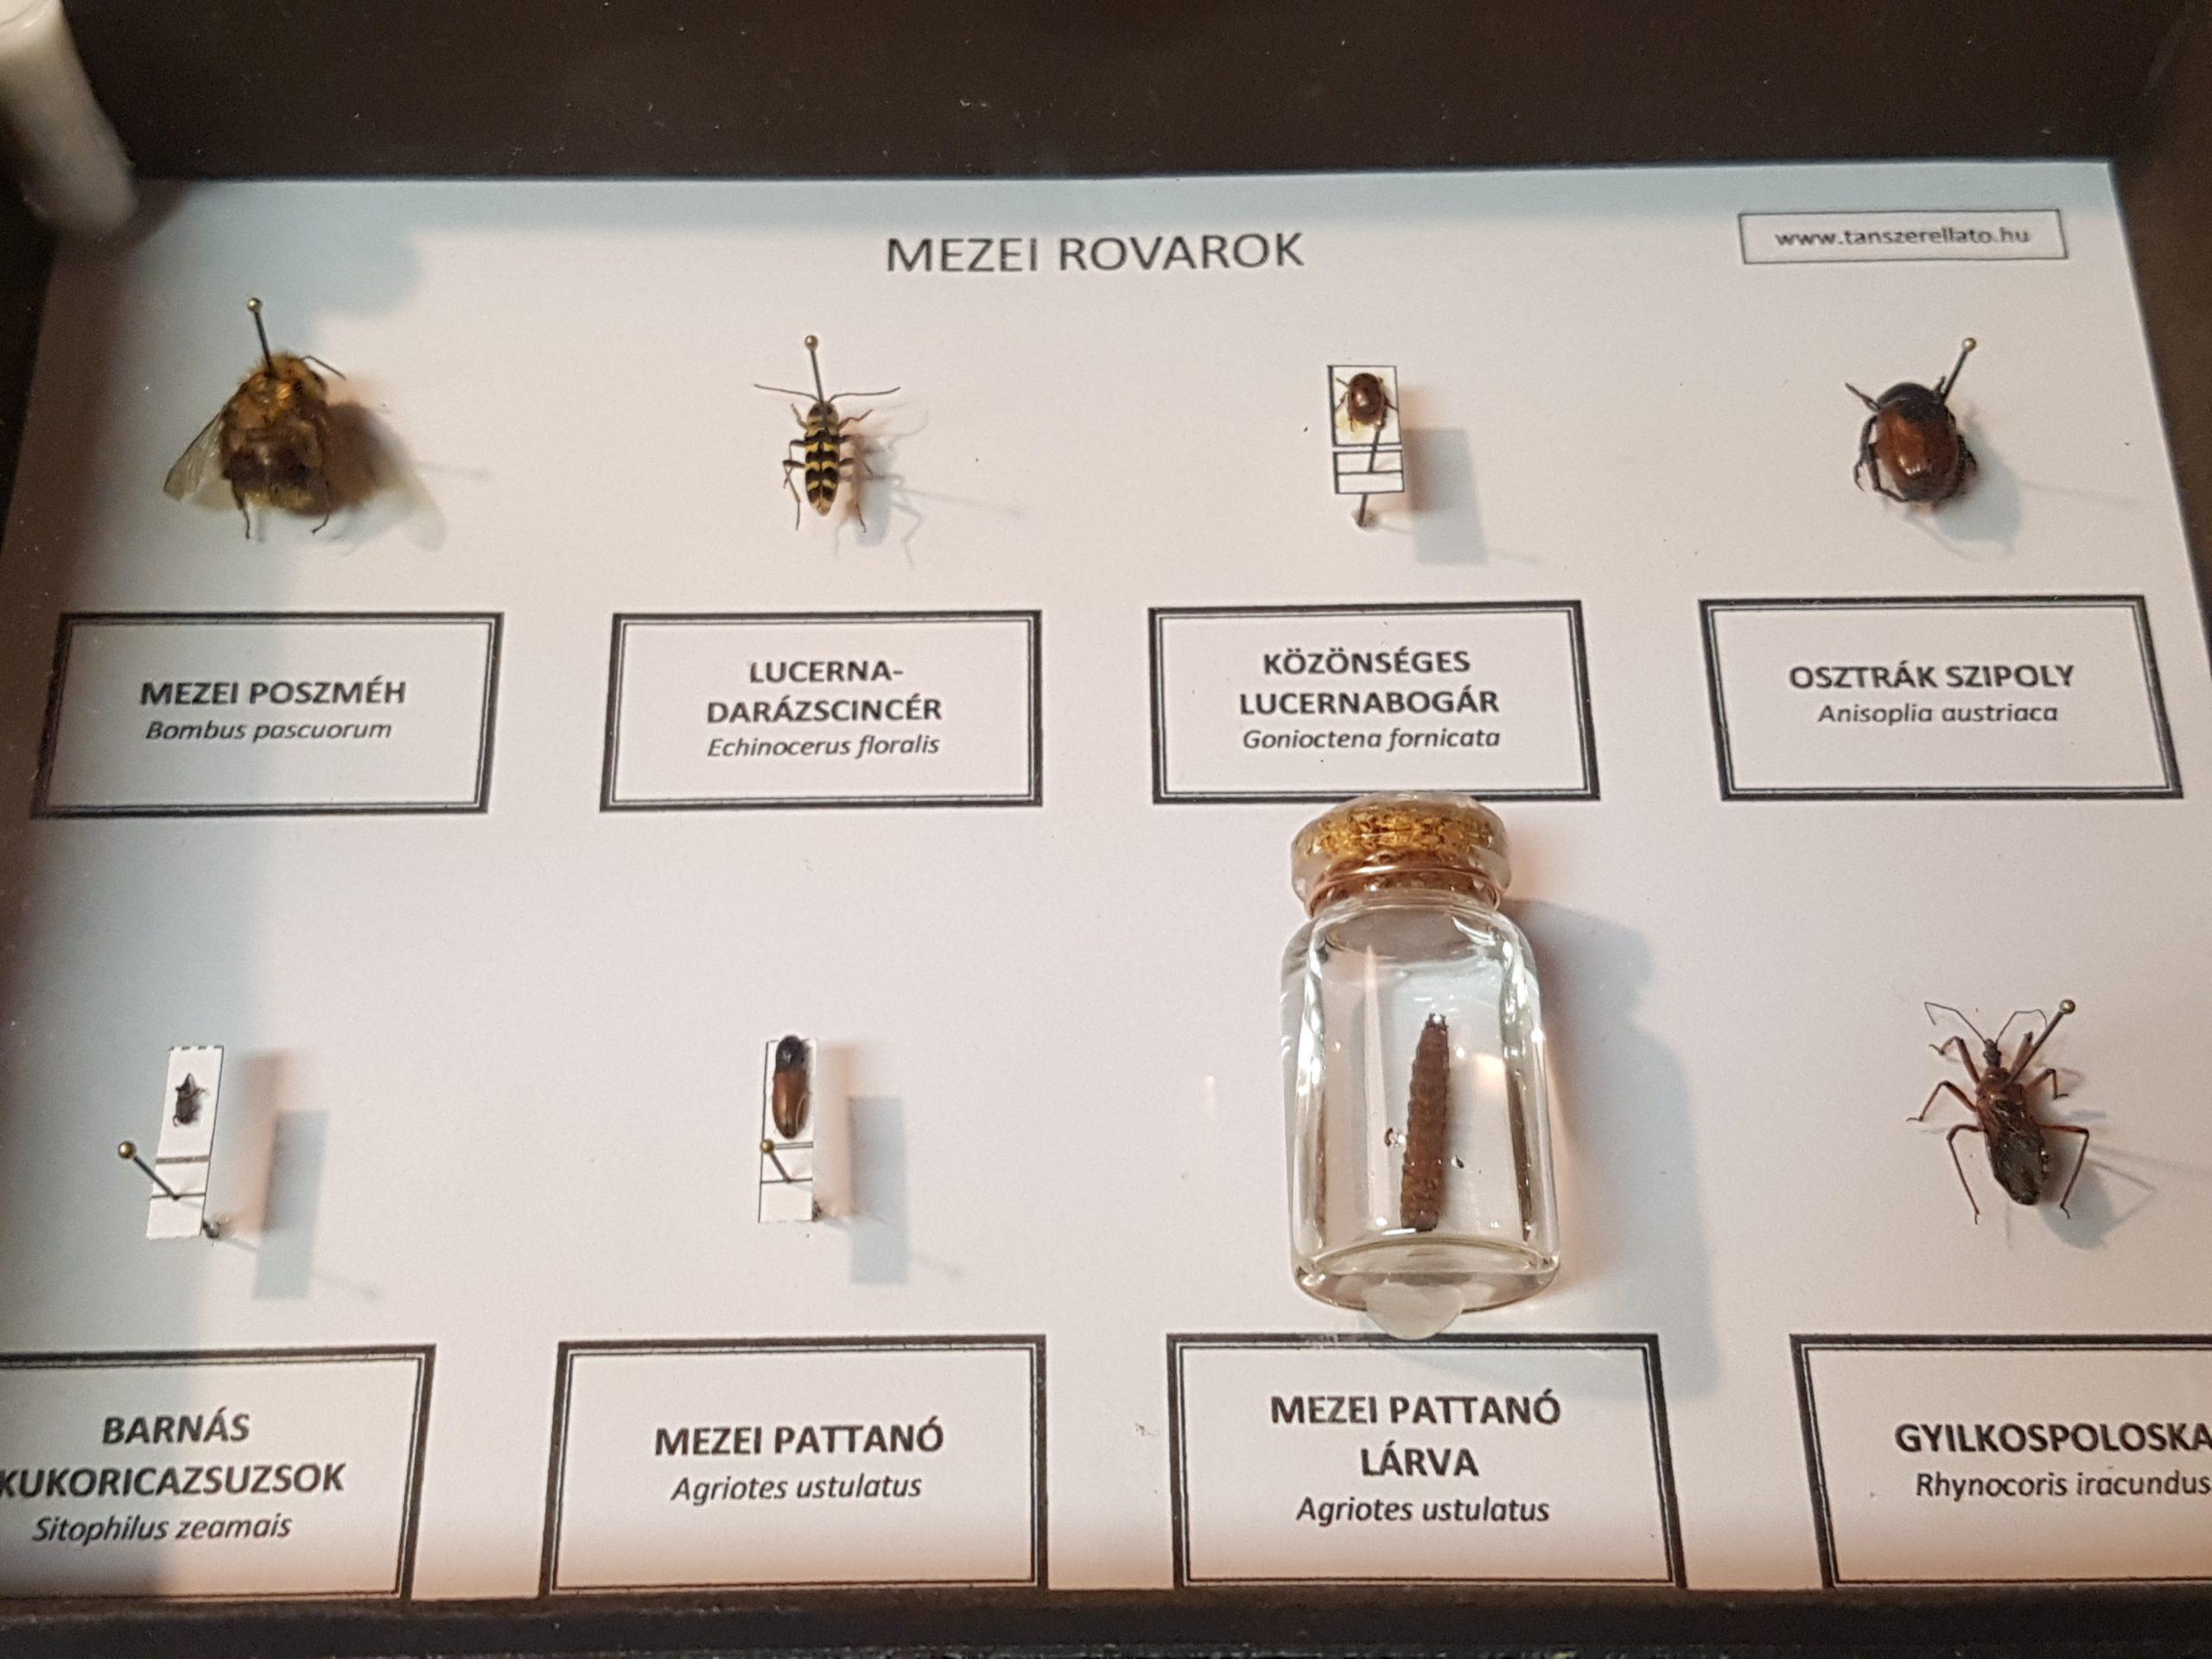 Mezei rovarok